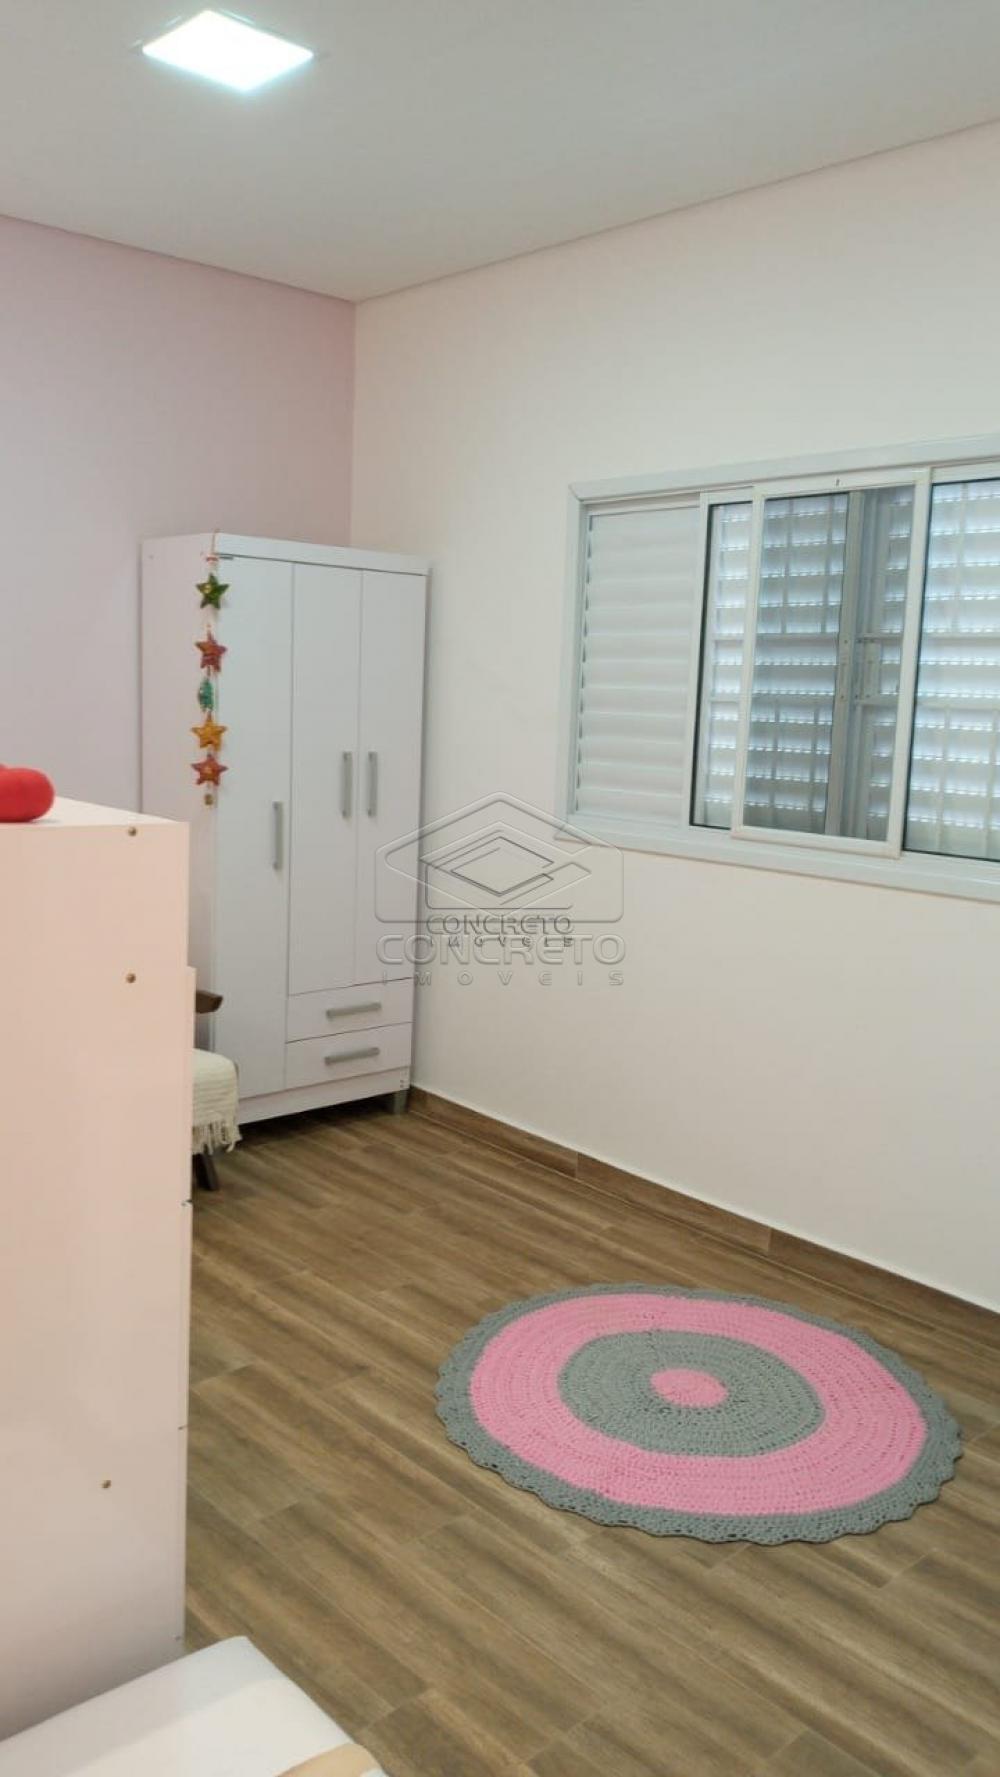 Comprar Casa / Padrão em Sao Manuel apenas R$ 650.000,00 - Foto 46